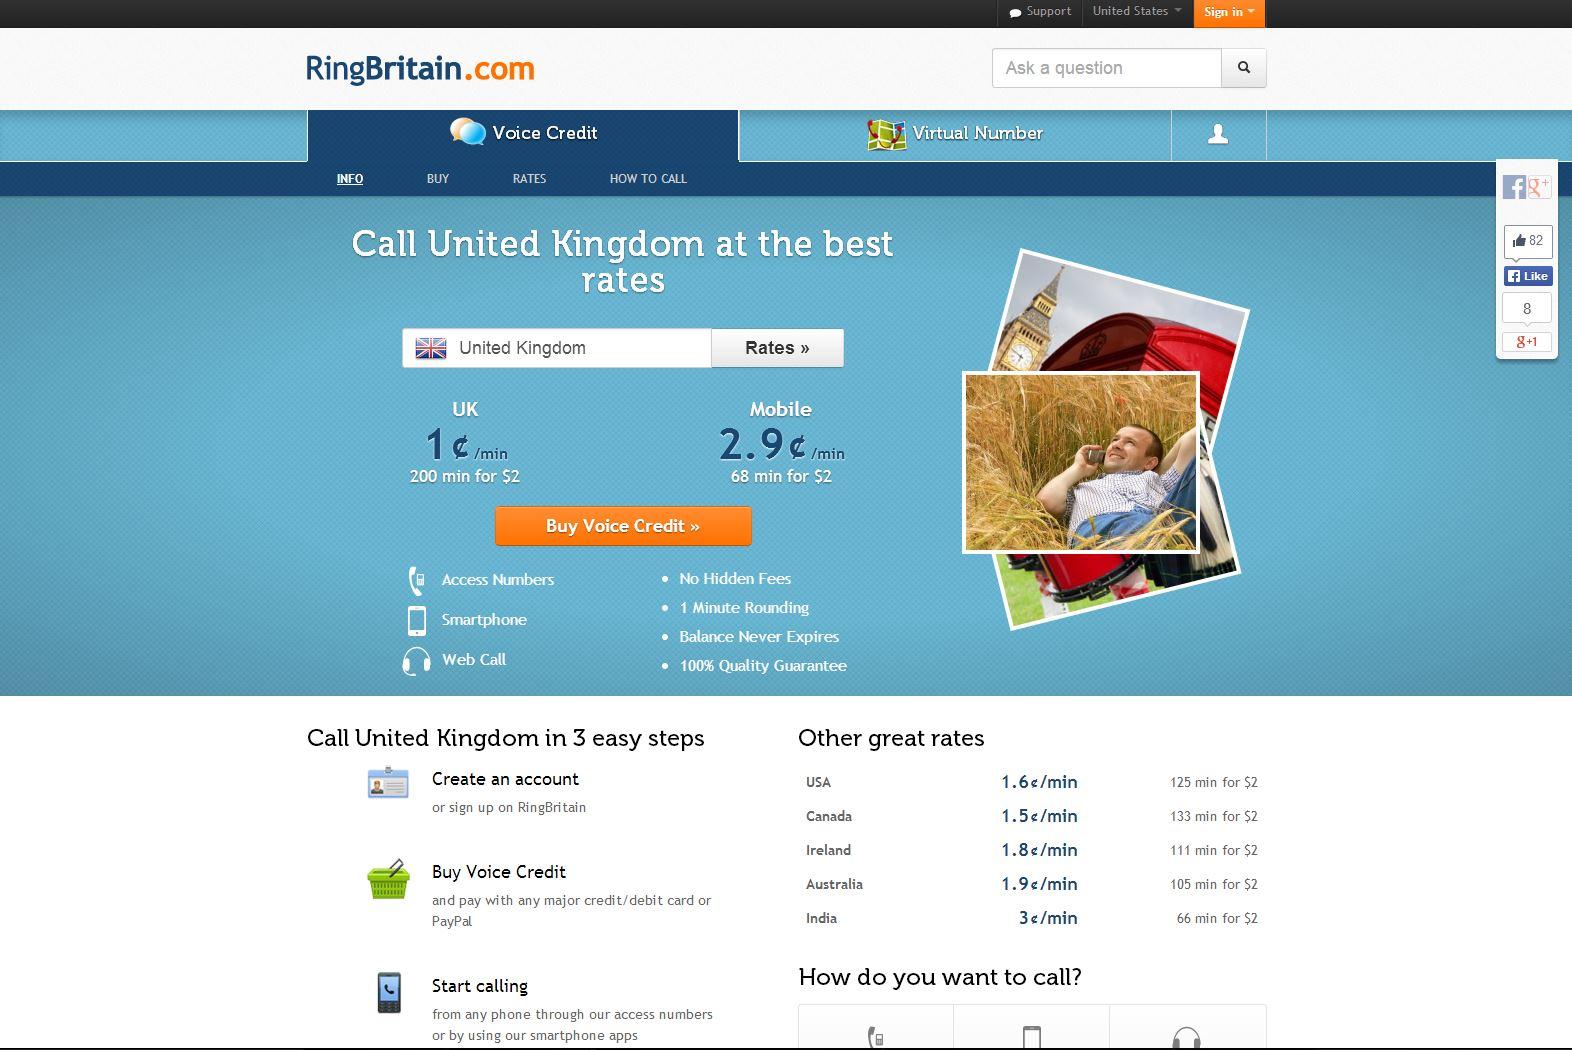 RingBritain.com